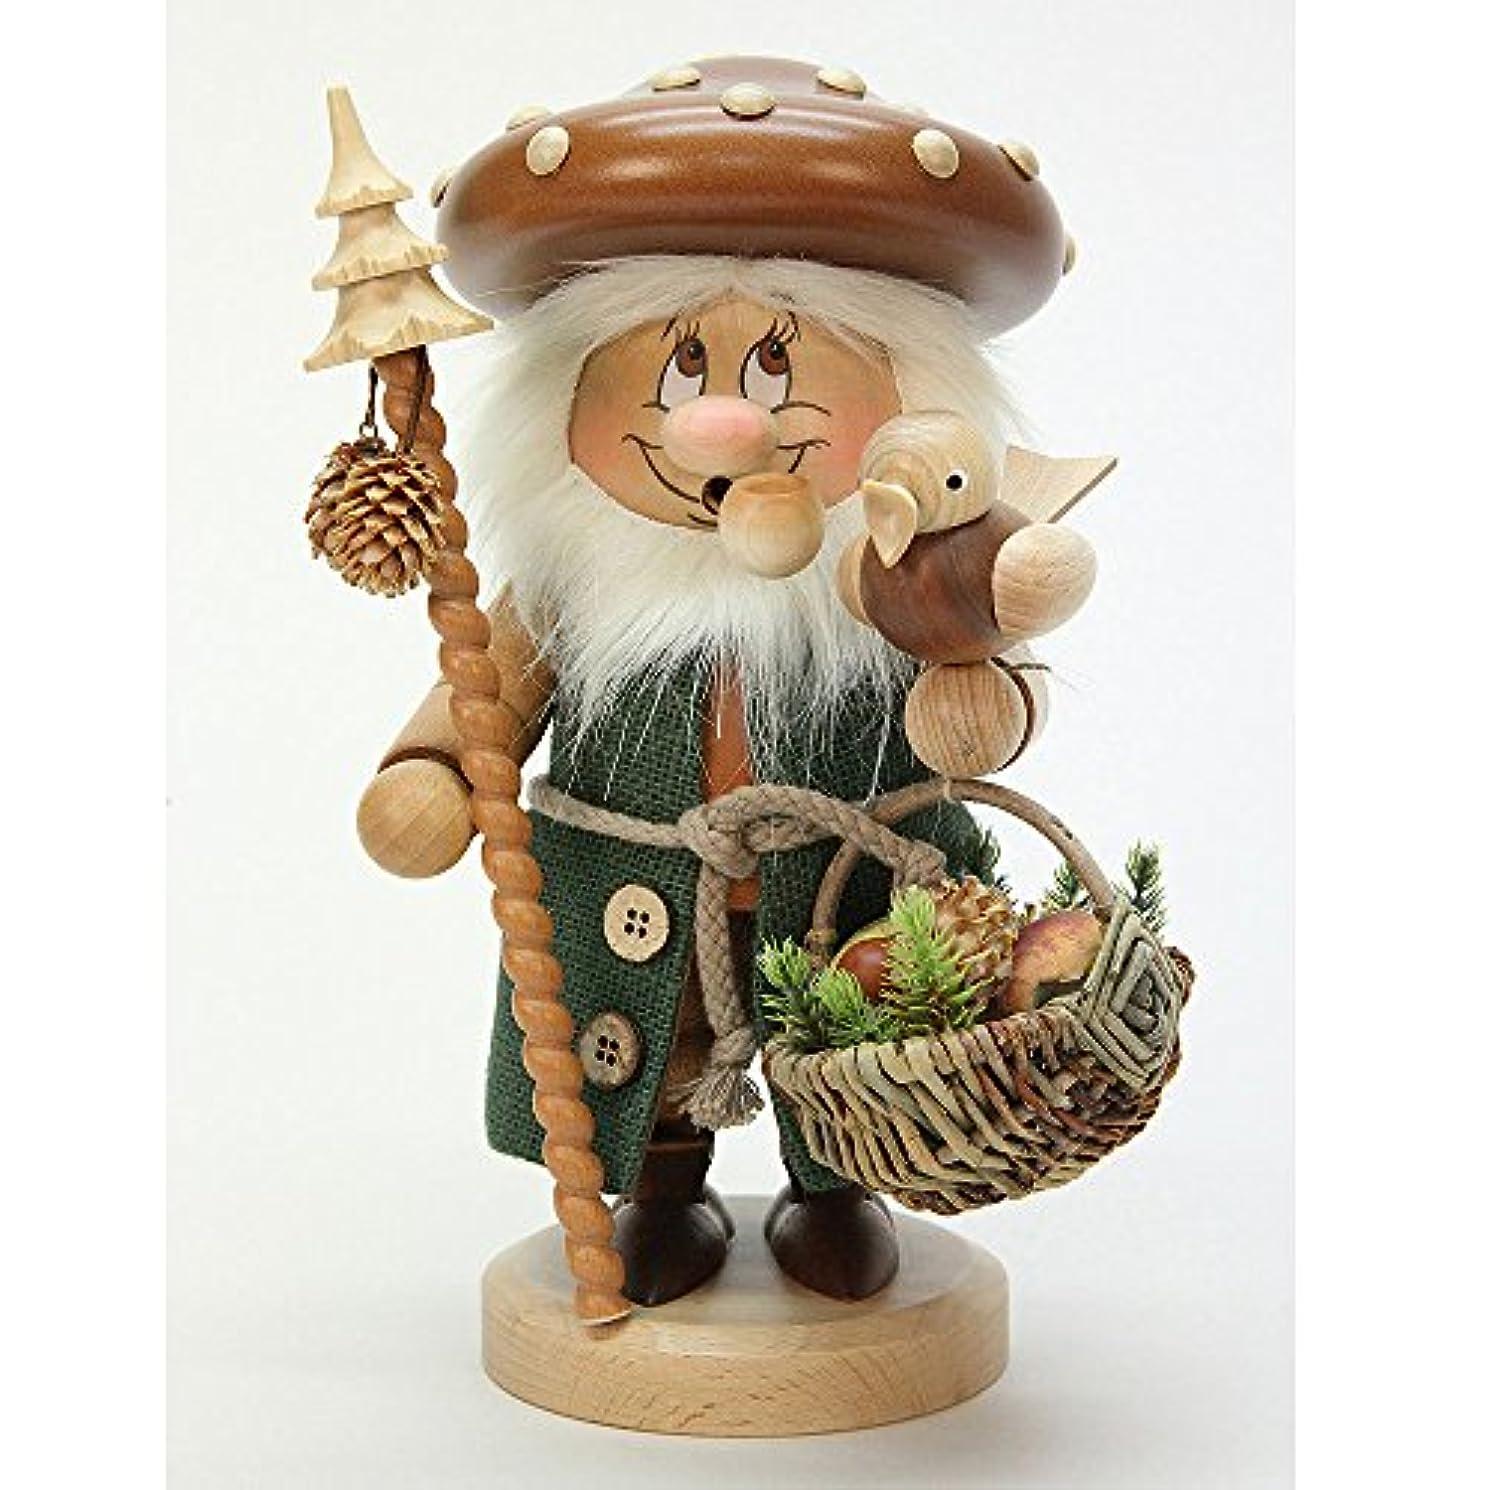 第三歩行者ムスタチオドイツ語喫煙者Incense GnomeマッシュルームMan – 27 cm / 11インチ – Christian Ulbricht